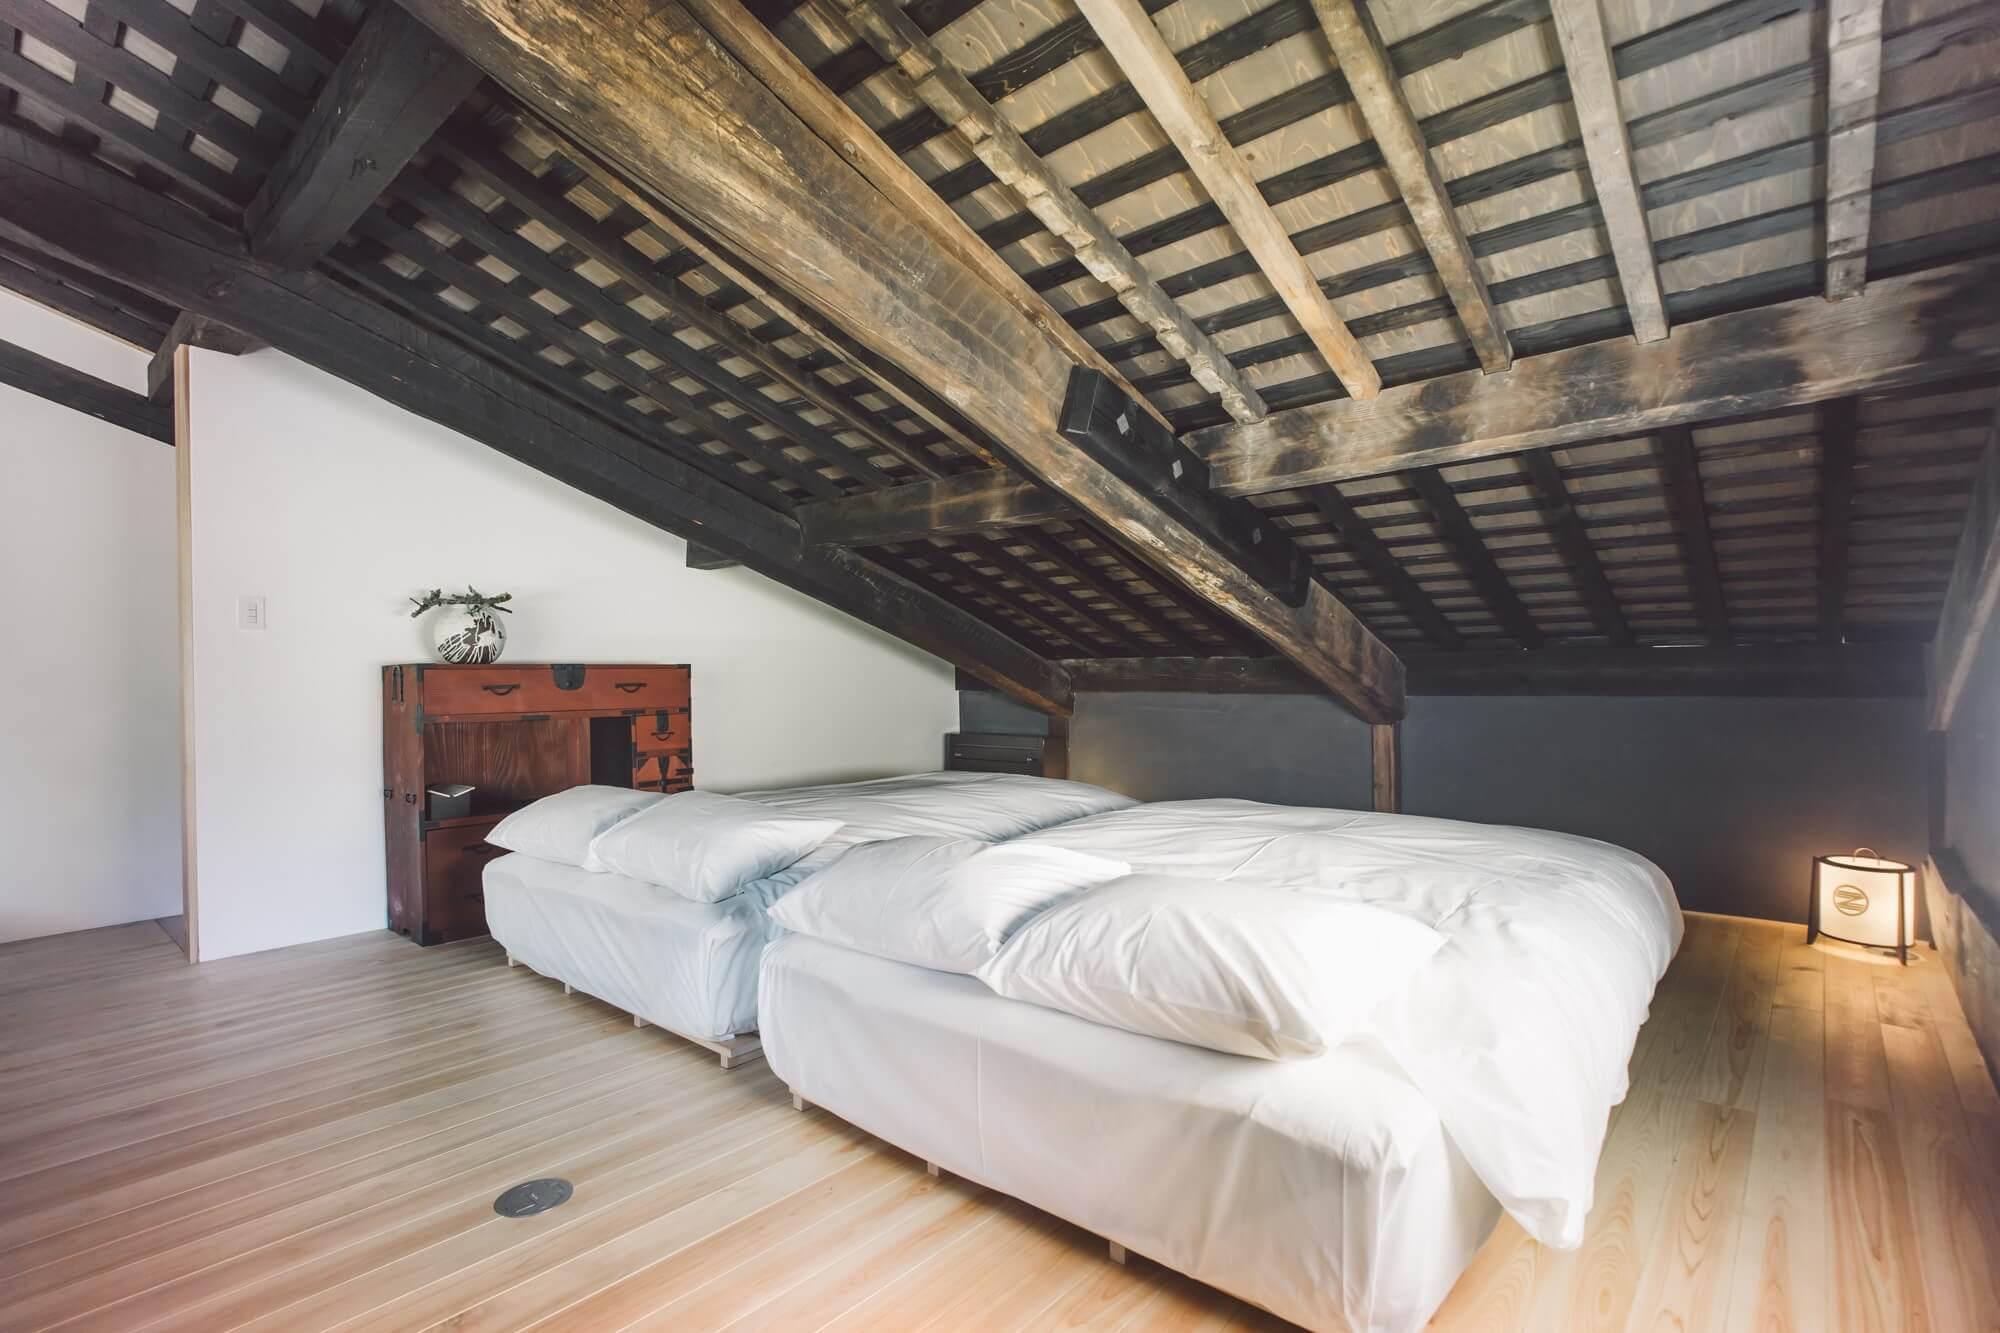 ゼナギ ホテル 客室 ベッド